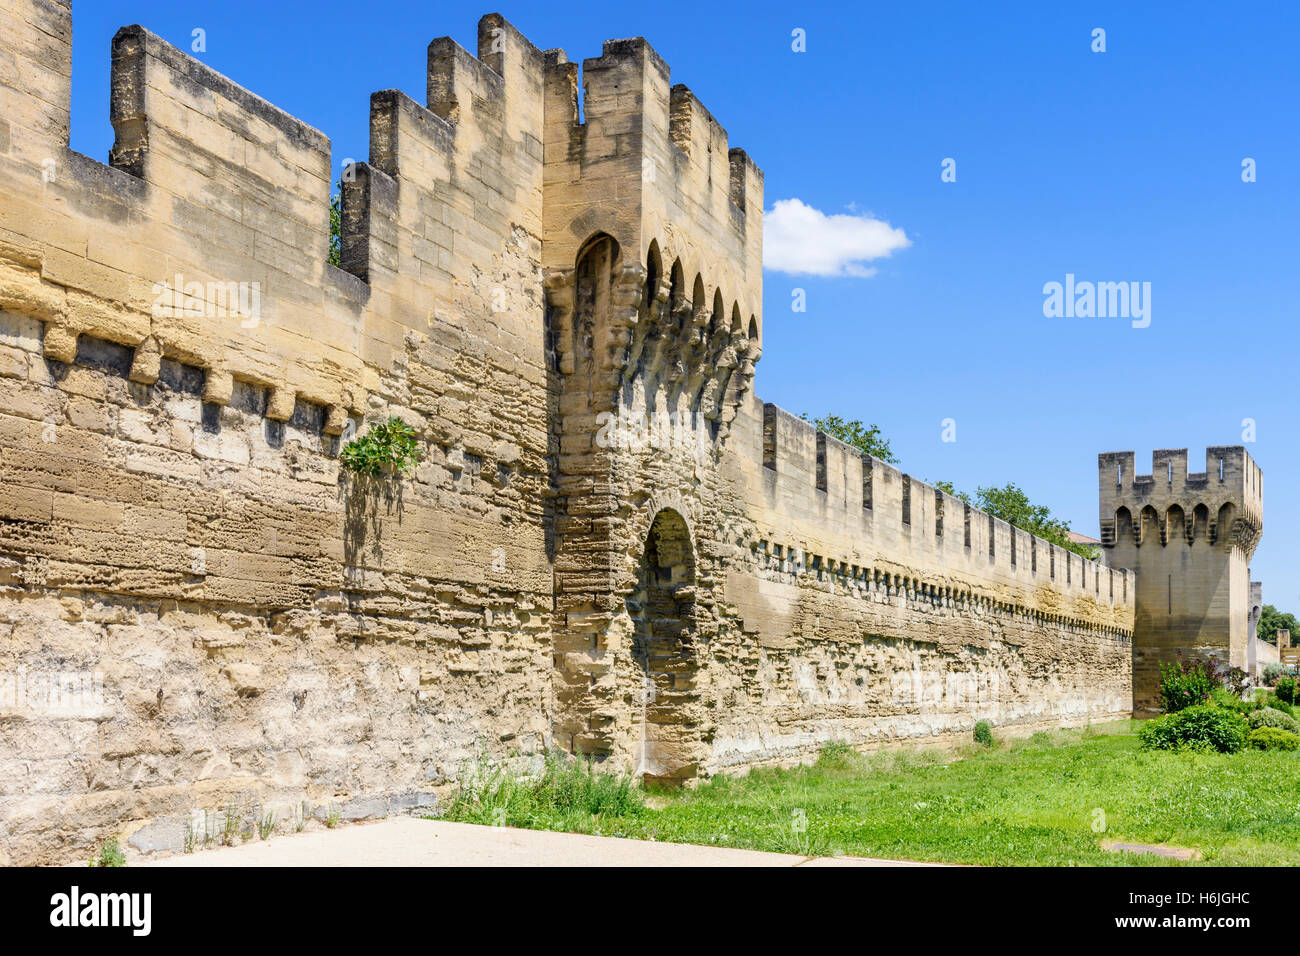 Stadtmauer und Turm, Teil des südlichen Abschnitts der Wälle, Avignon, Frankreich Stockbild